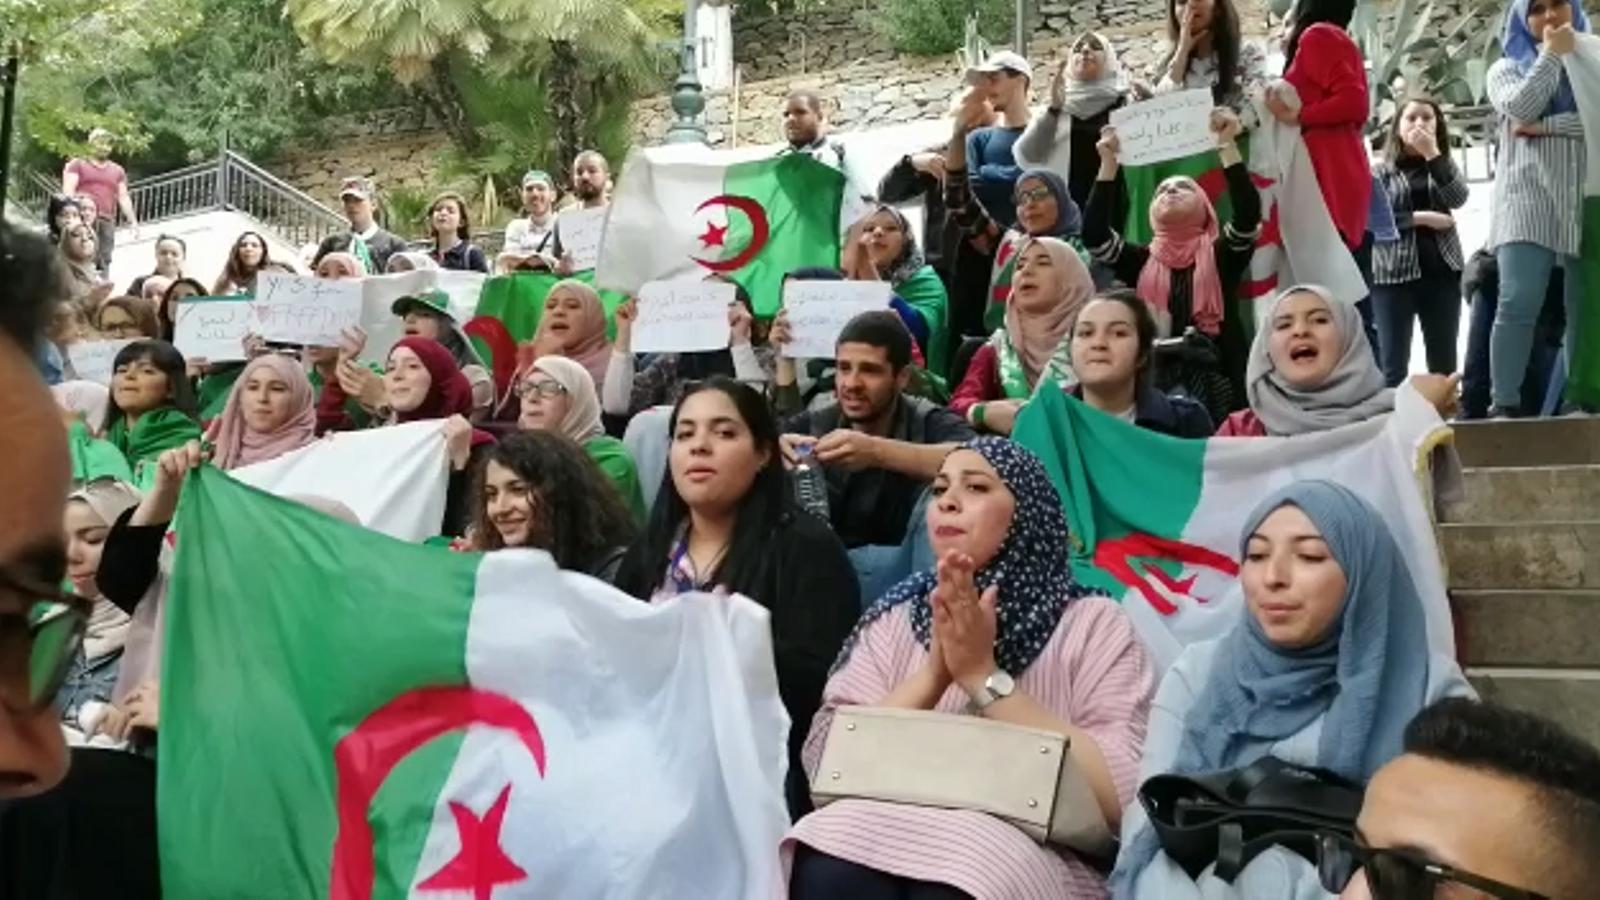 Protetes d'estudiants a Algèria